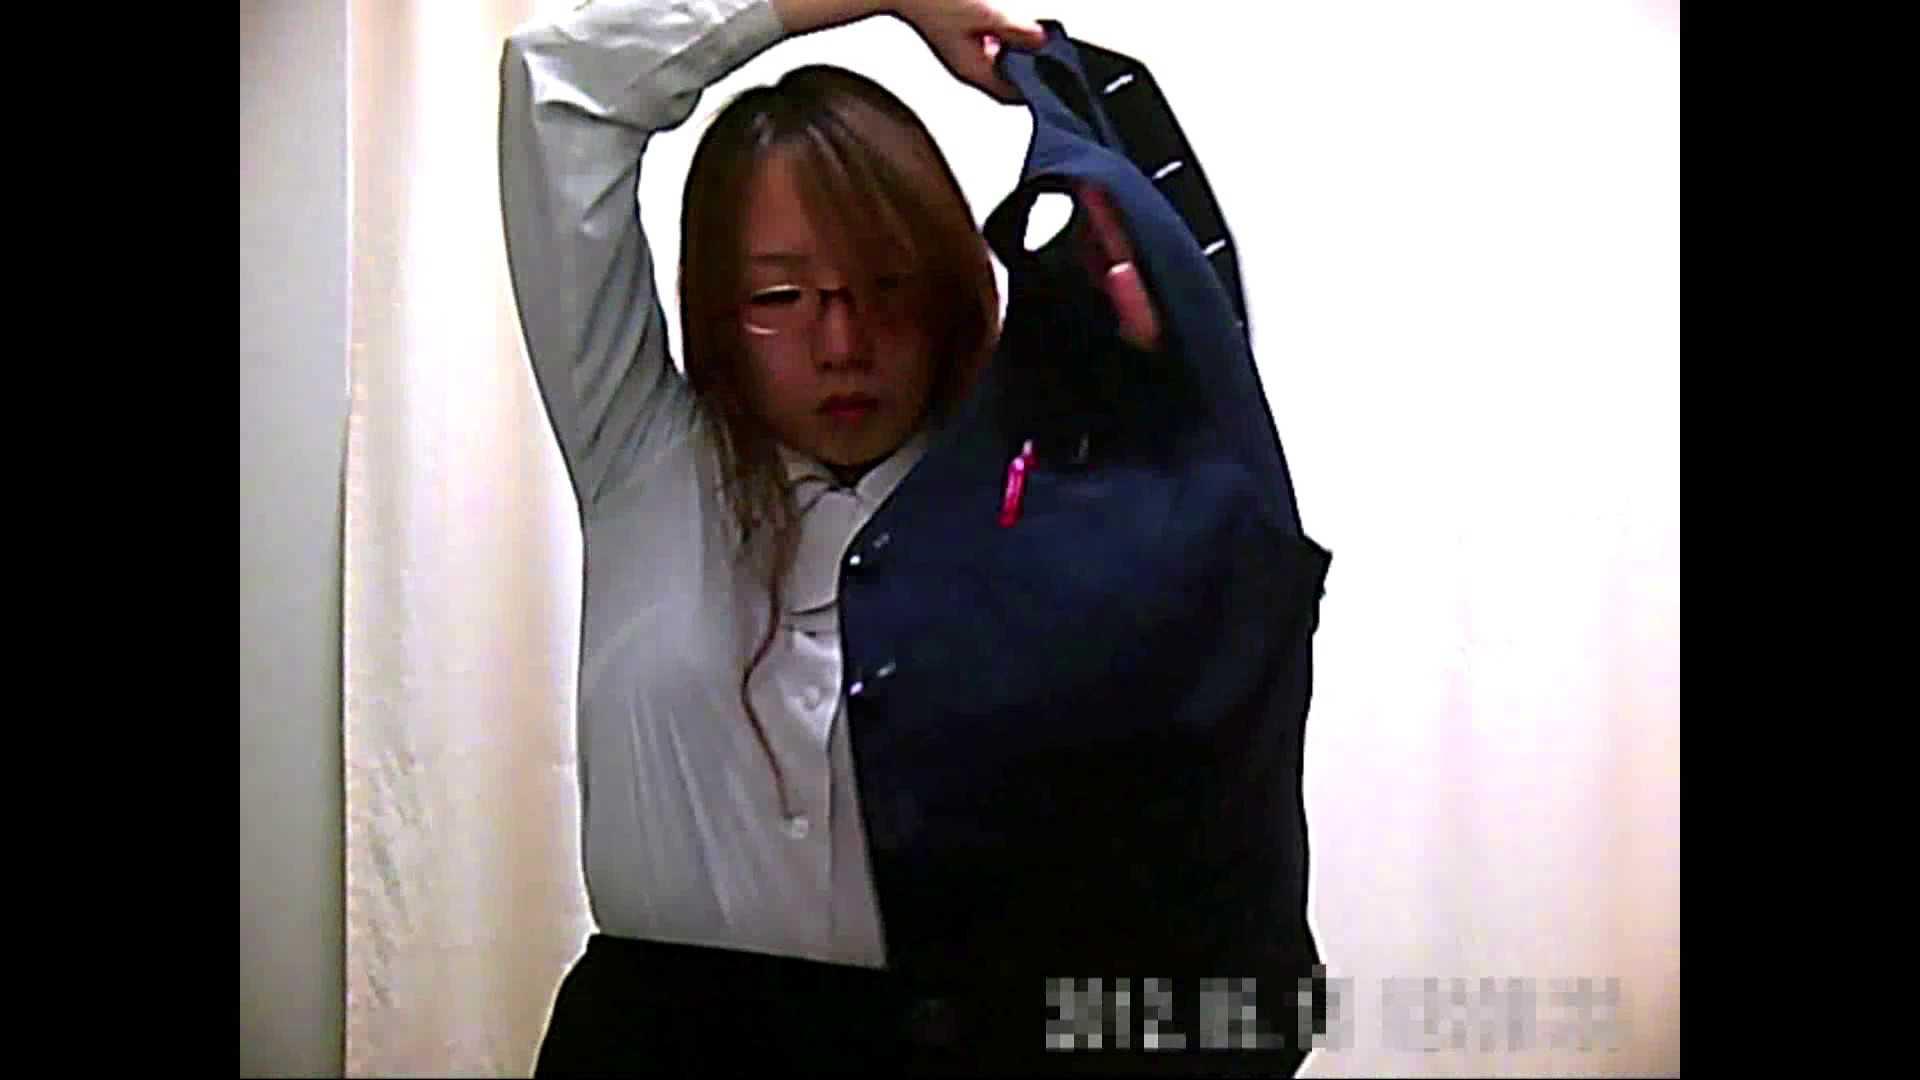 元医者による反抗 更衣室地獄絵巻 vol.005 OLハメ撮り  29Pix 22